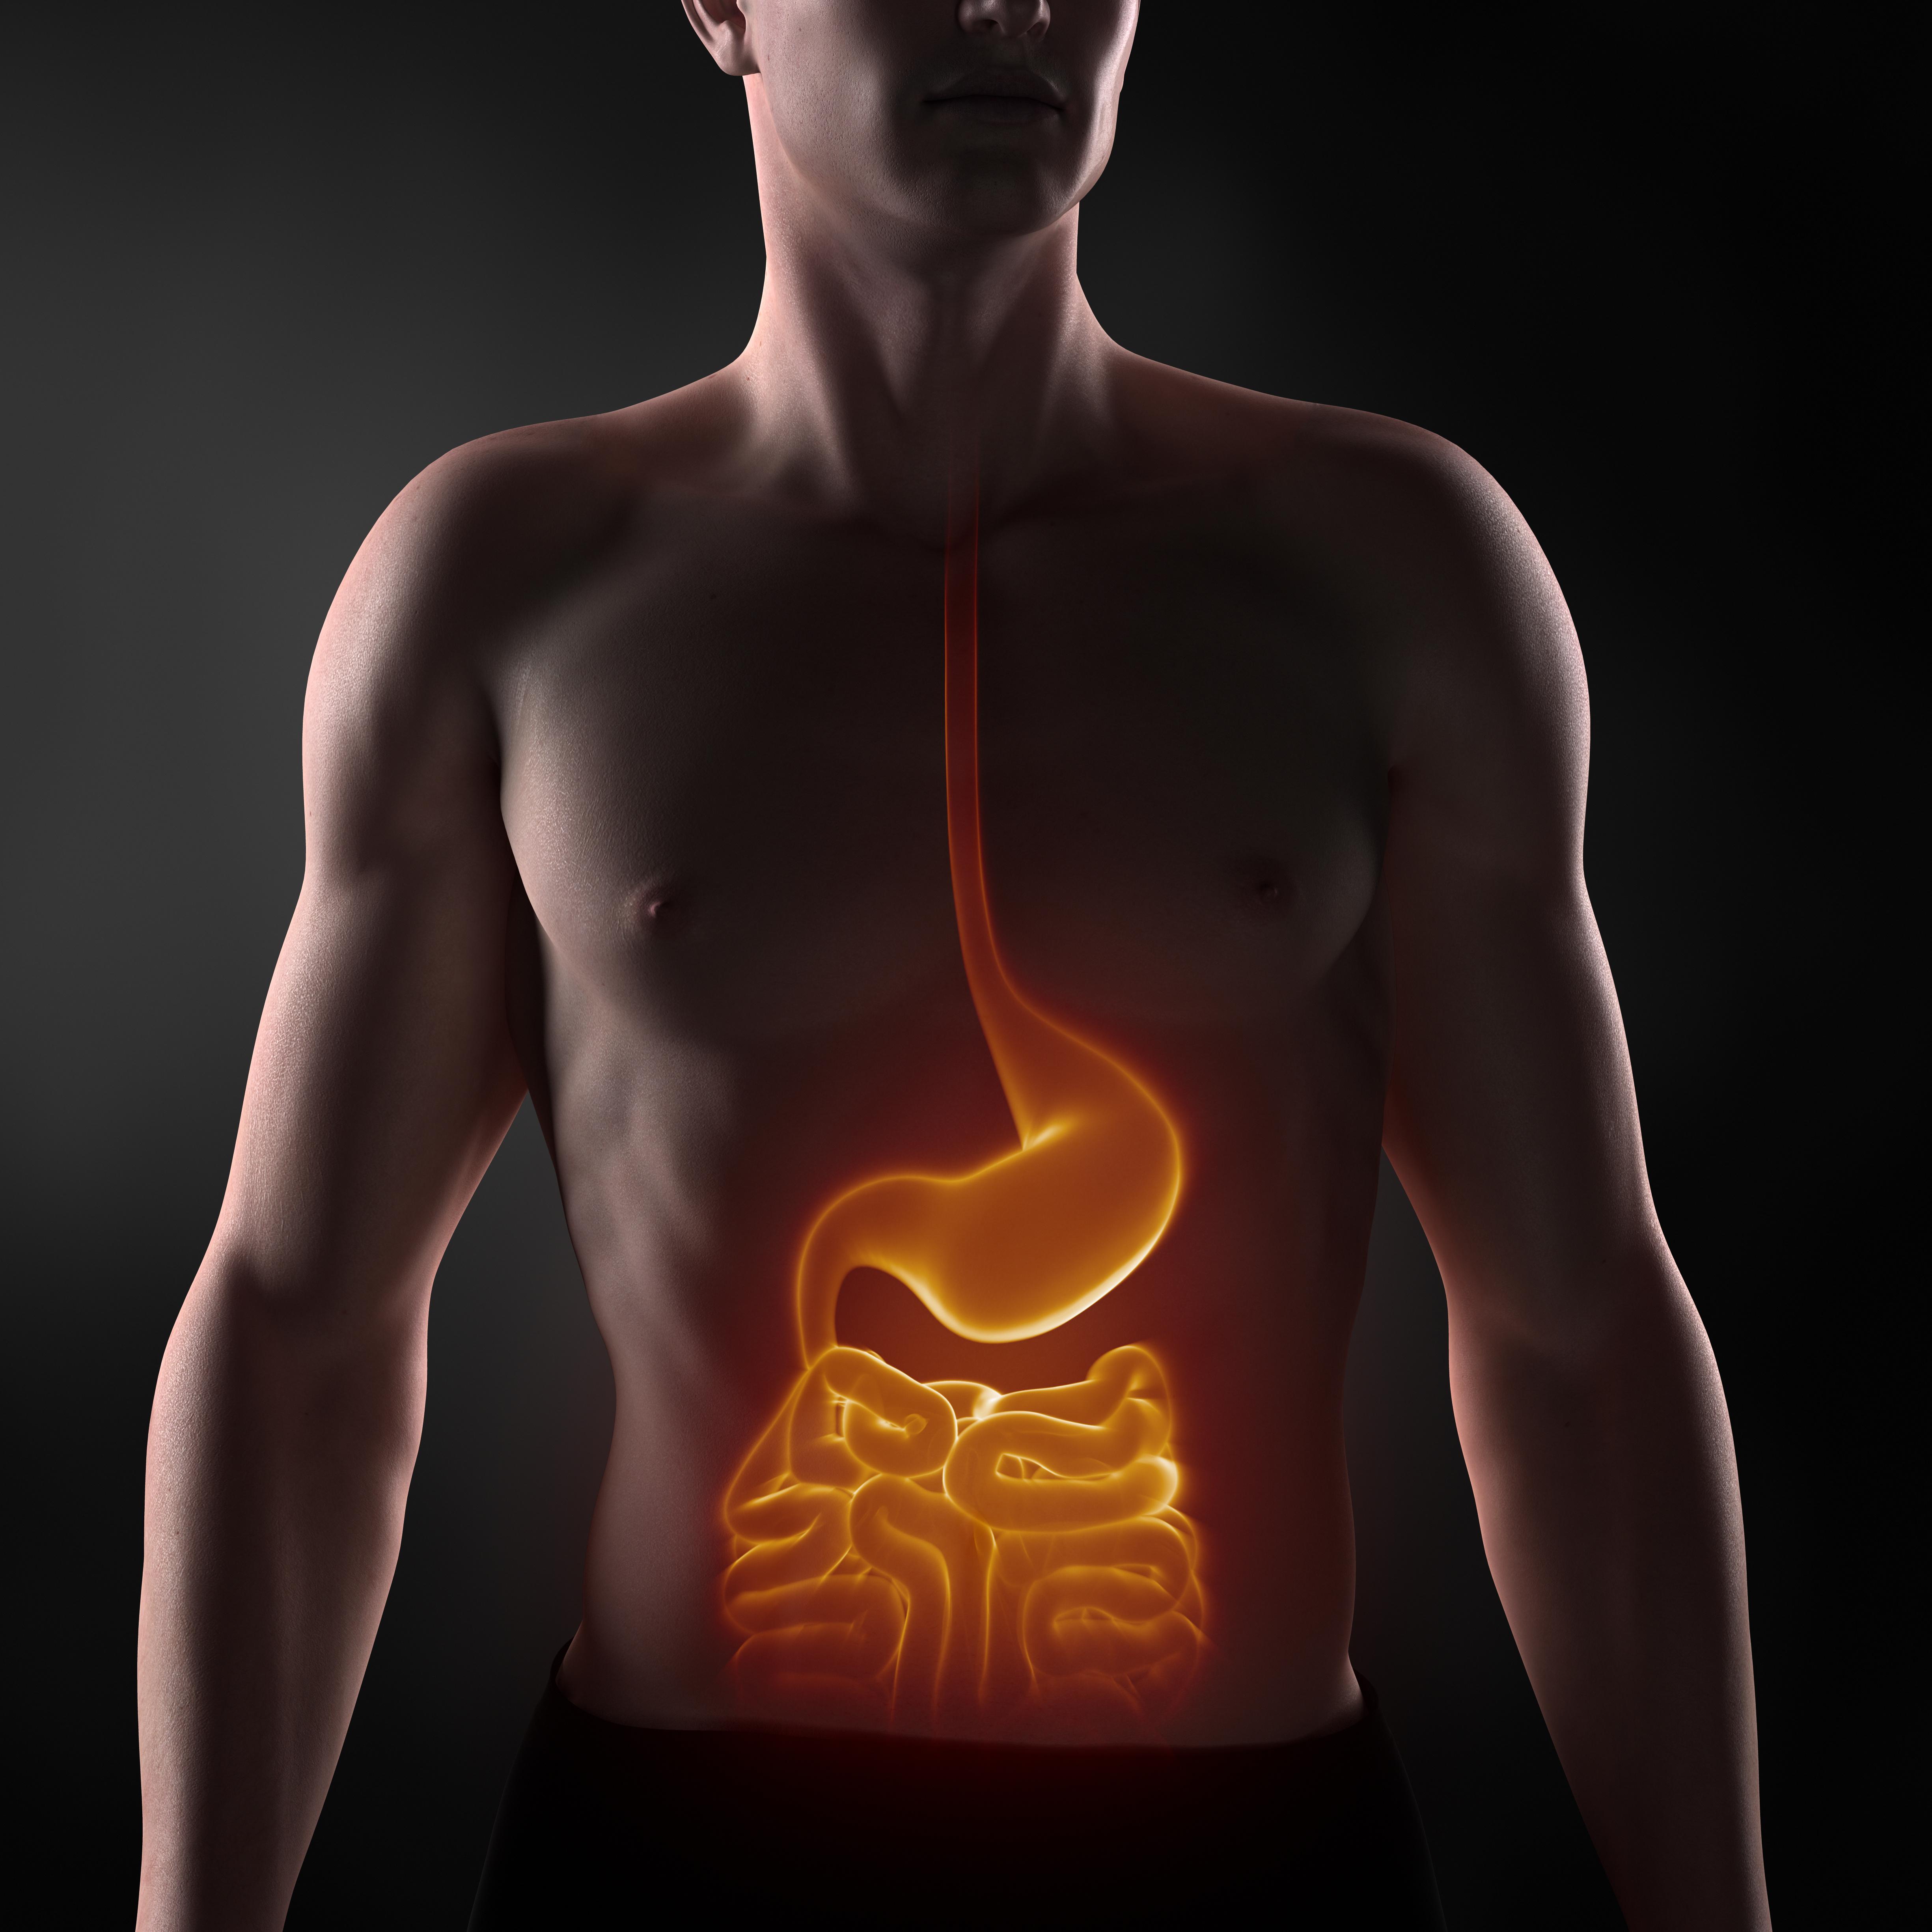 Dieta FODMAP nella cura di IBS e IBD